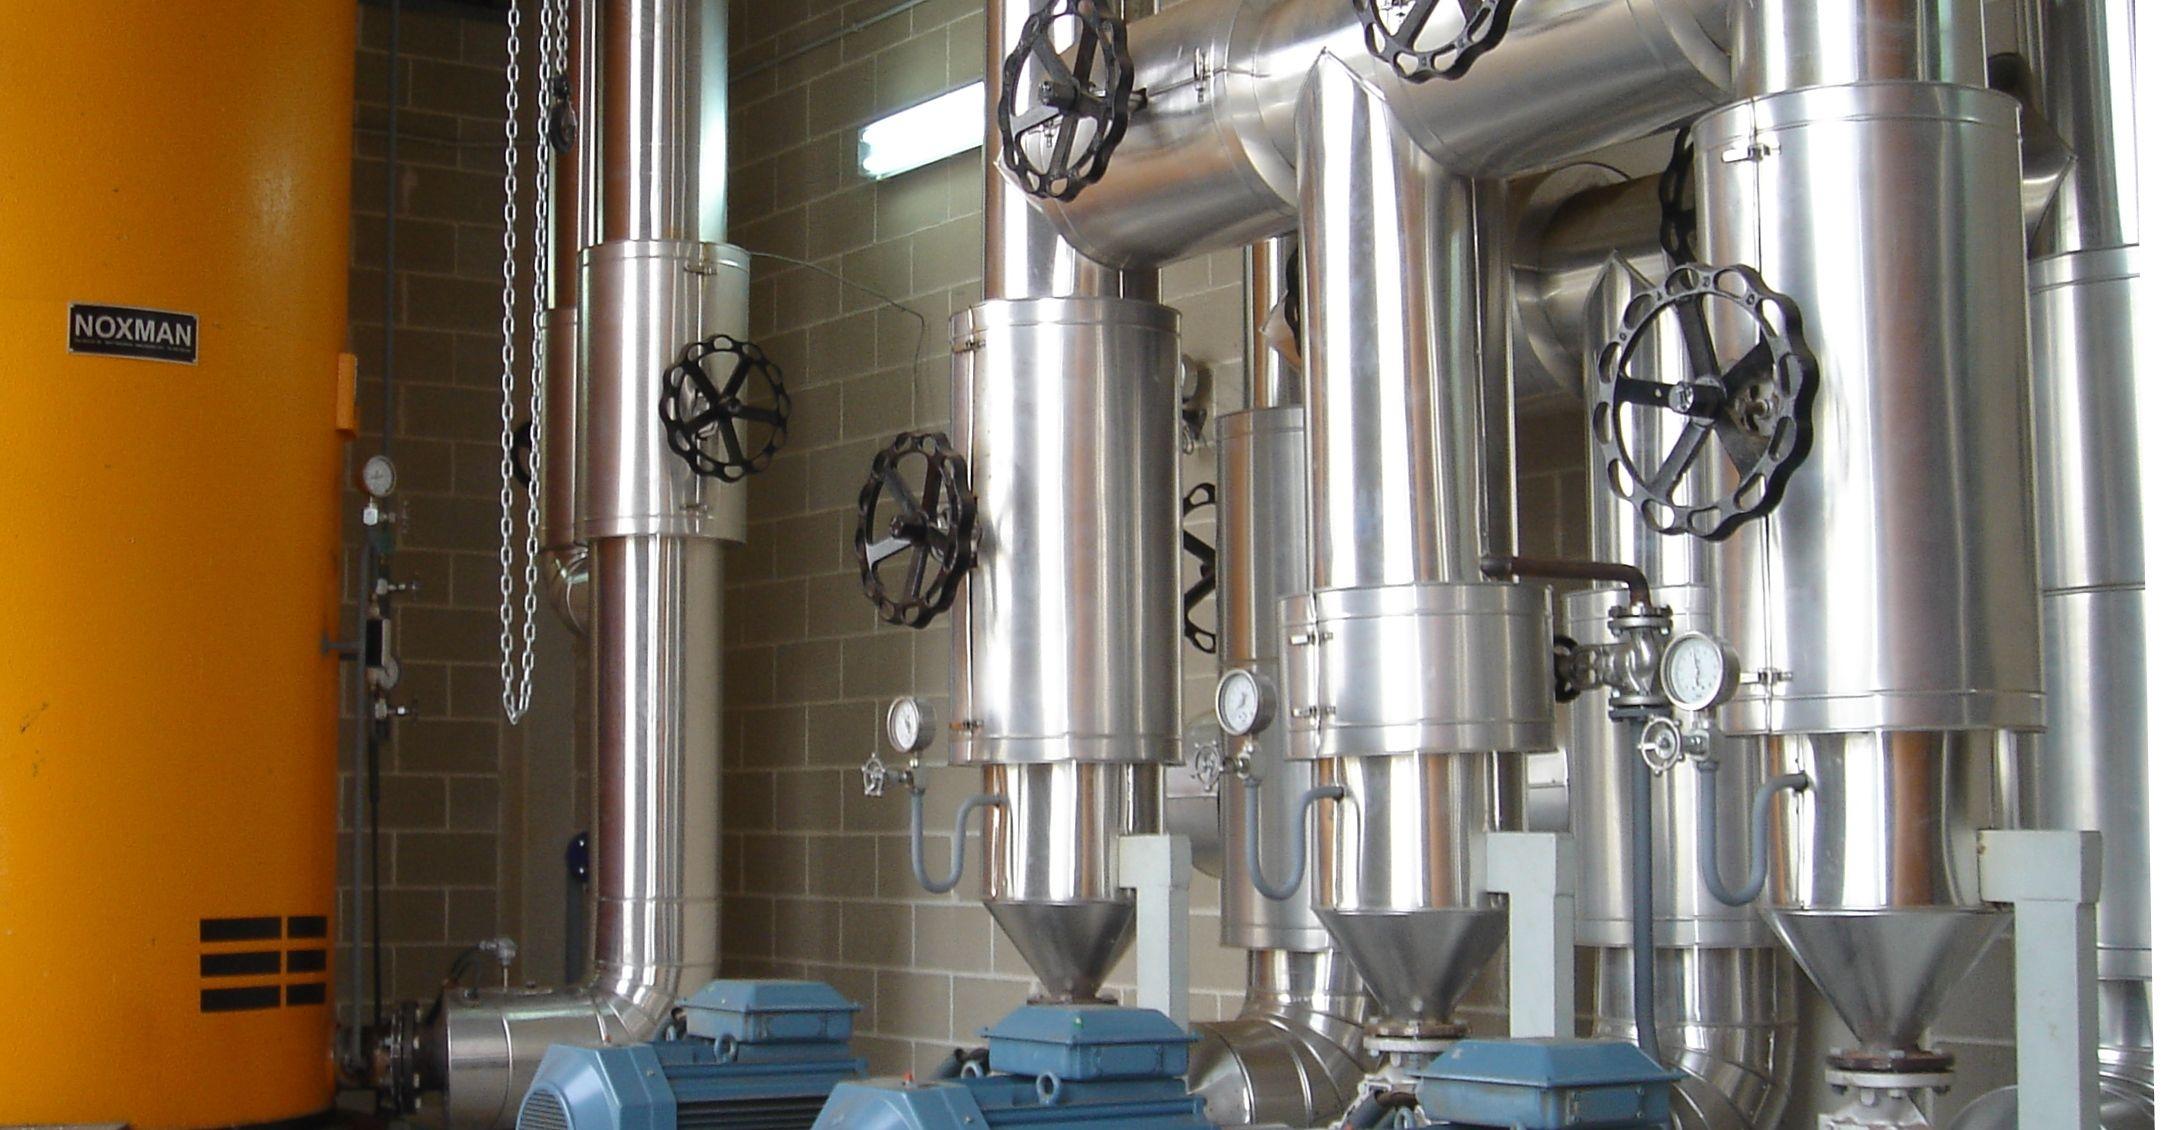 Instalaciones de fluido térmico Barcelona